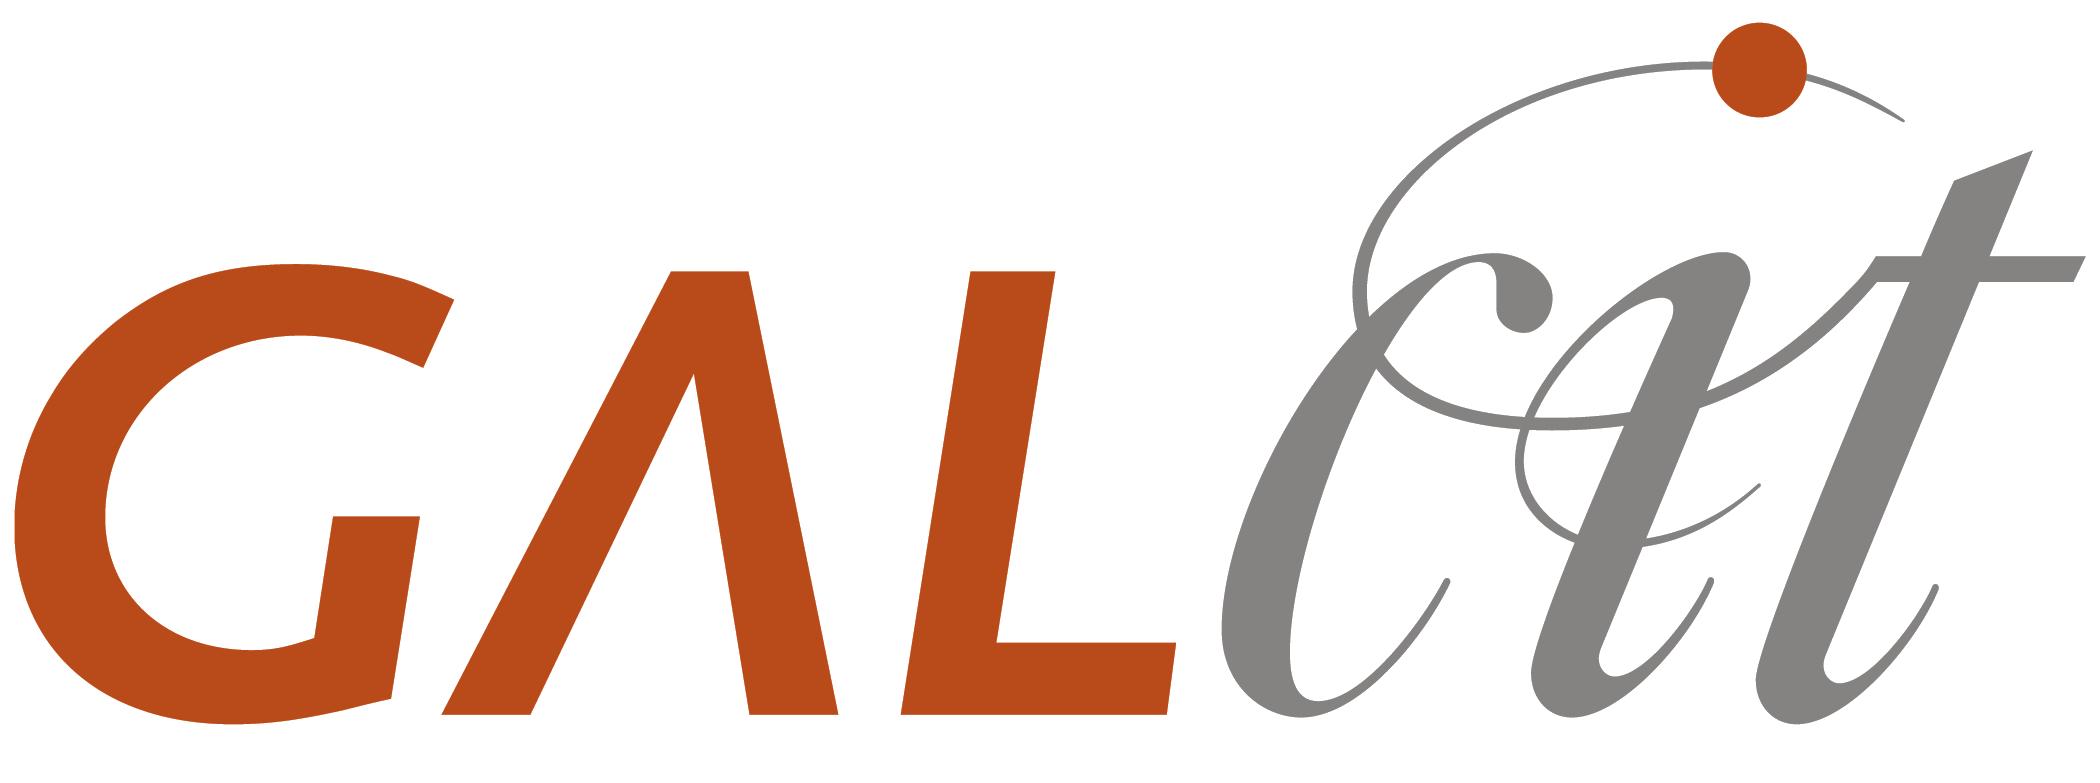 logo_galcit.png